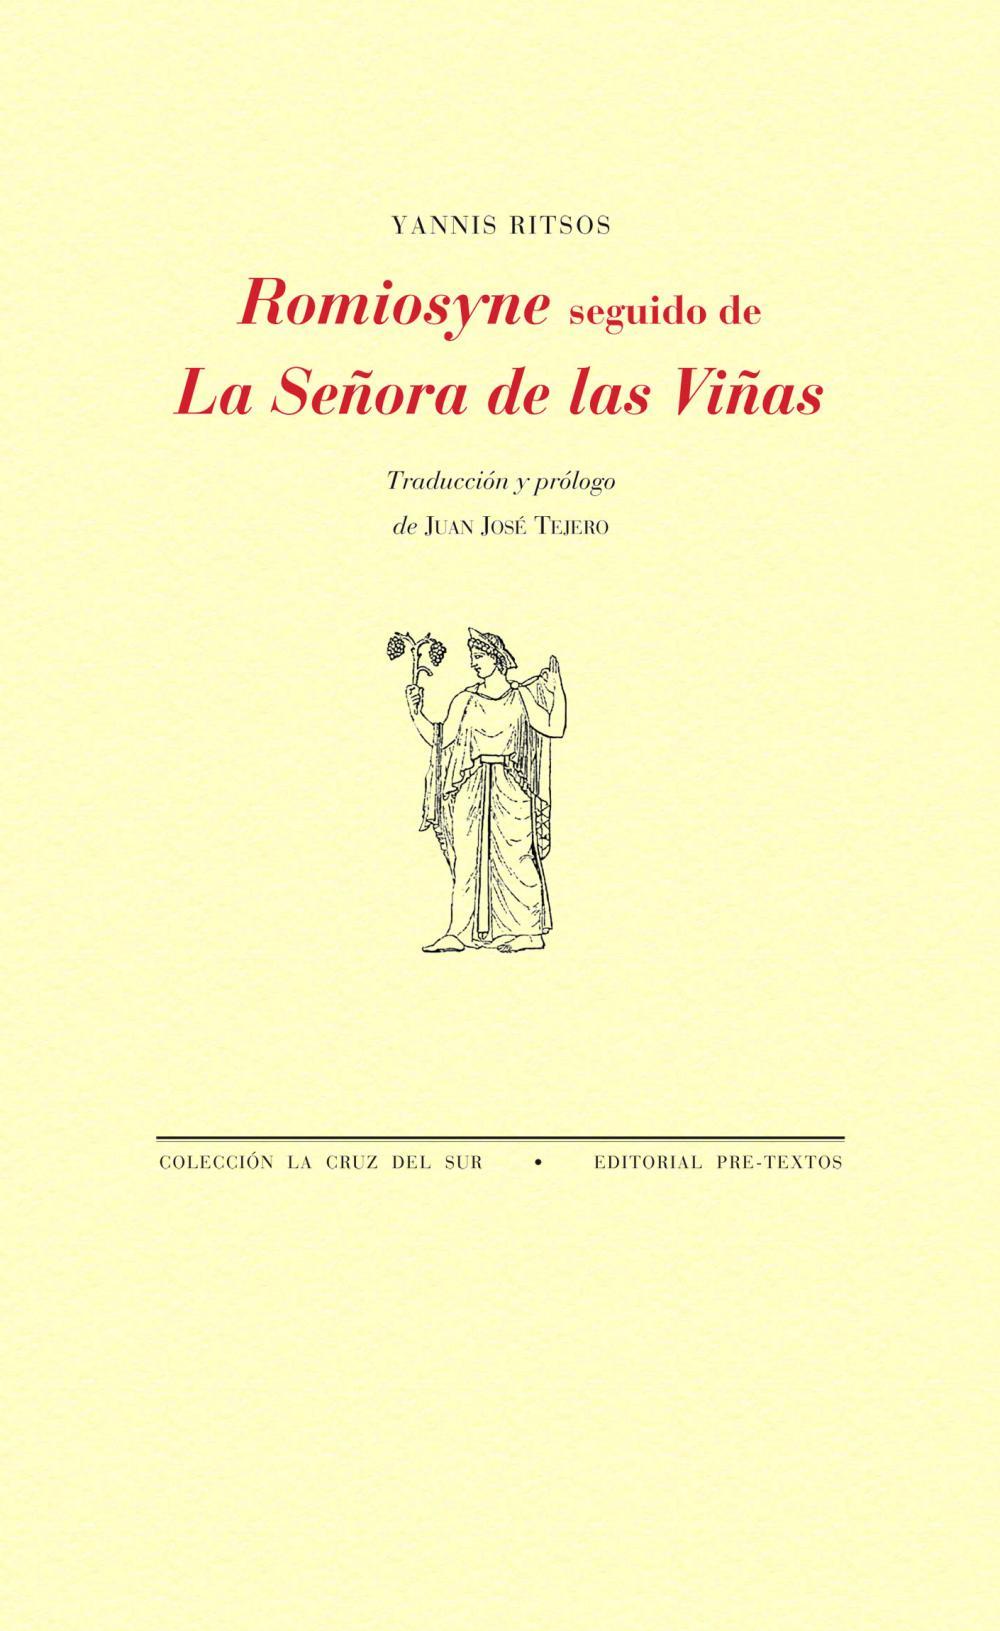 Romiosyne seguido de La Señora de las Viñas